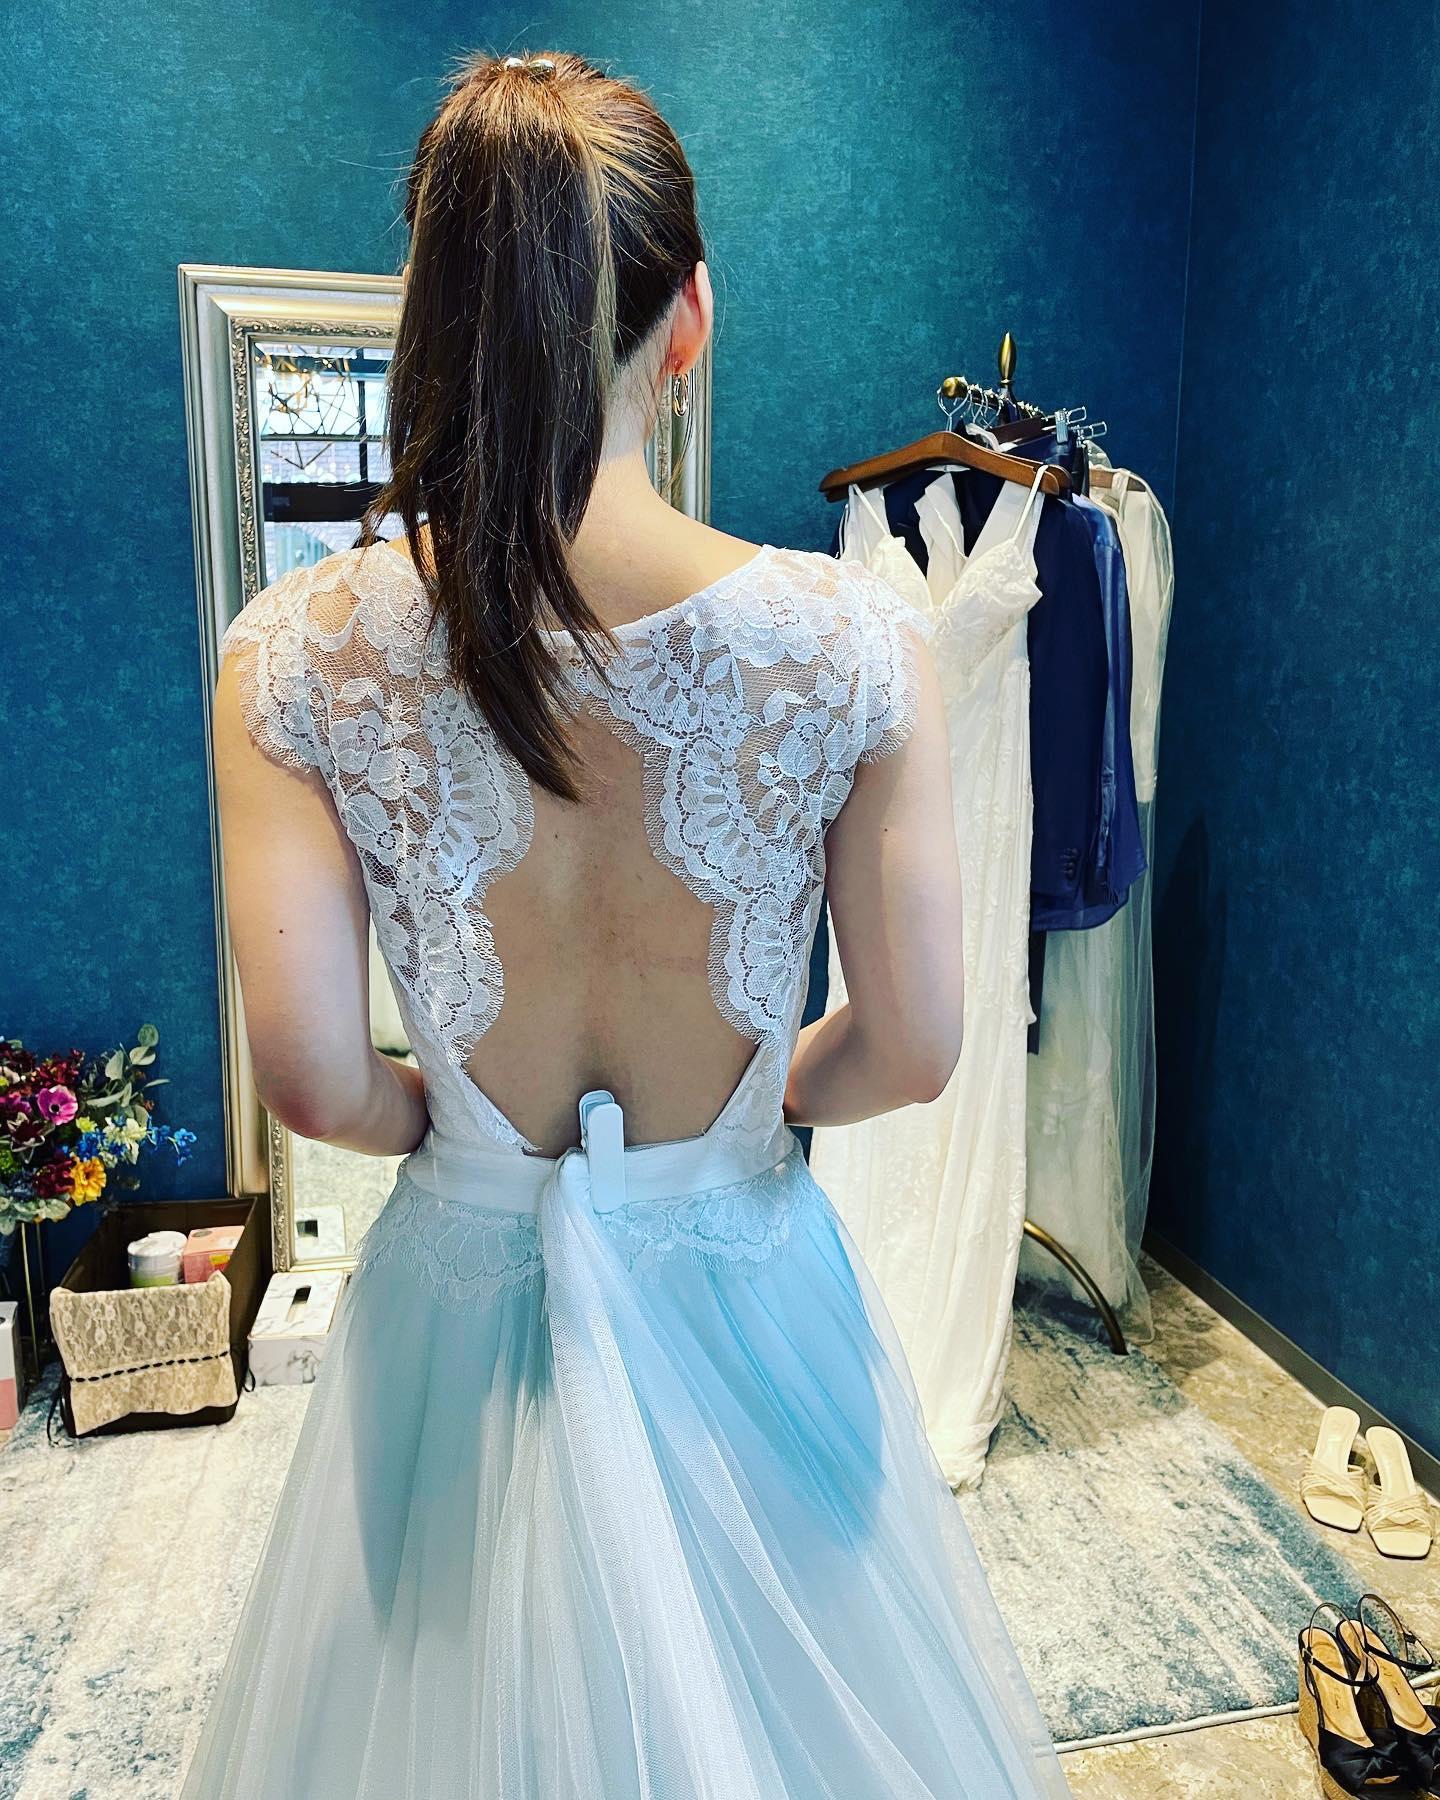 先日のご試着のお客様🕊・一見レースとチュールでガーリーでソフトな印象のドレスですが…愛らしいバックスタイルでゲストの視線を集める魅力的な一着・スカートに薄いブルーのチュールが組み込まれているのも素敵ですフォトウェディングにもピッタリ・ご試着いかがでしょうか・R.COSY BL購入価格¥380,000・#wedding #weddingdress #claras #paris #vowrenewal #aoyama#ウェディングドレス #プレ花嫁 #ドレス試着 #2021夏婚 #2021冬婚 #ヘアメイク #結婚式  #ドレス選び #前撮り #後撮り #フォトウェディング #ウェディングヘア  #フォト婚 #前撮り写真 #ブライダルフォト #カップルフォト #ウェディングドレス探し #ウェディングドレス試着 #レンタルドレス #ドレスショップ #家族婚 #バウリニューアル #記念日婚